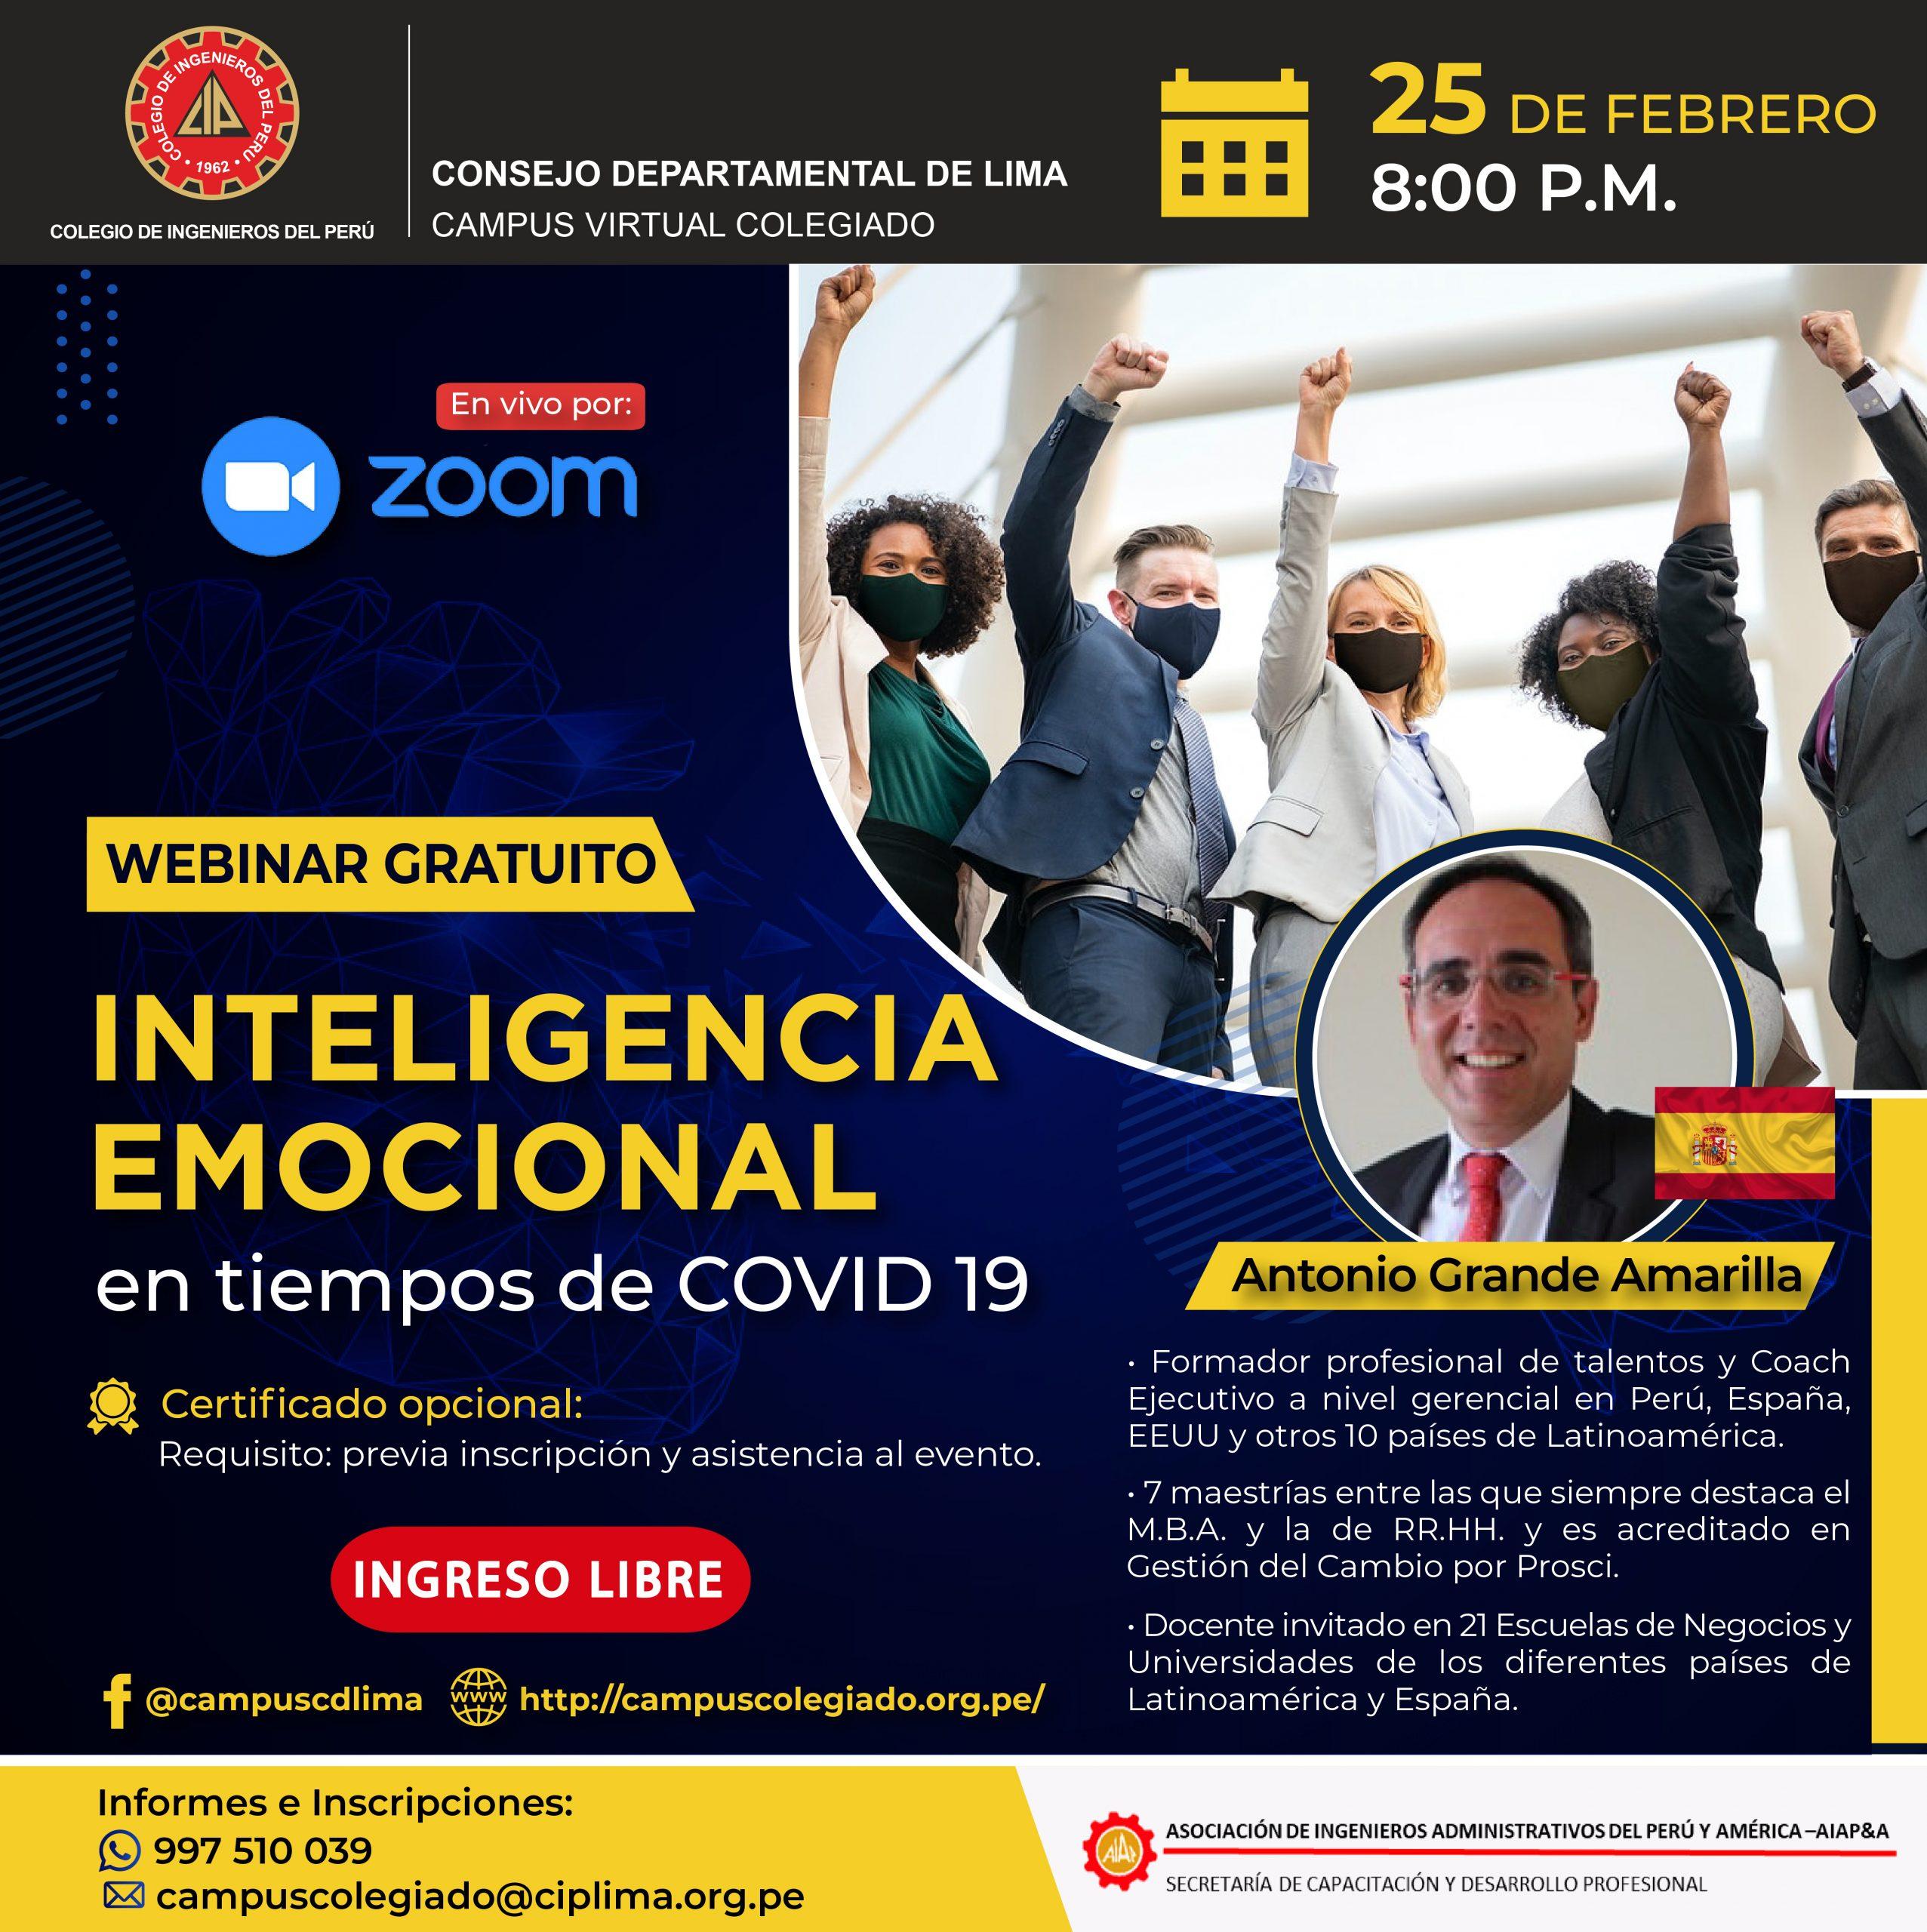 Inteligencia emocional en tiempos de COVID 19